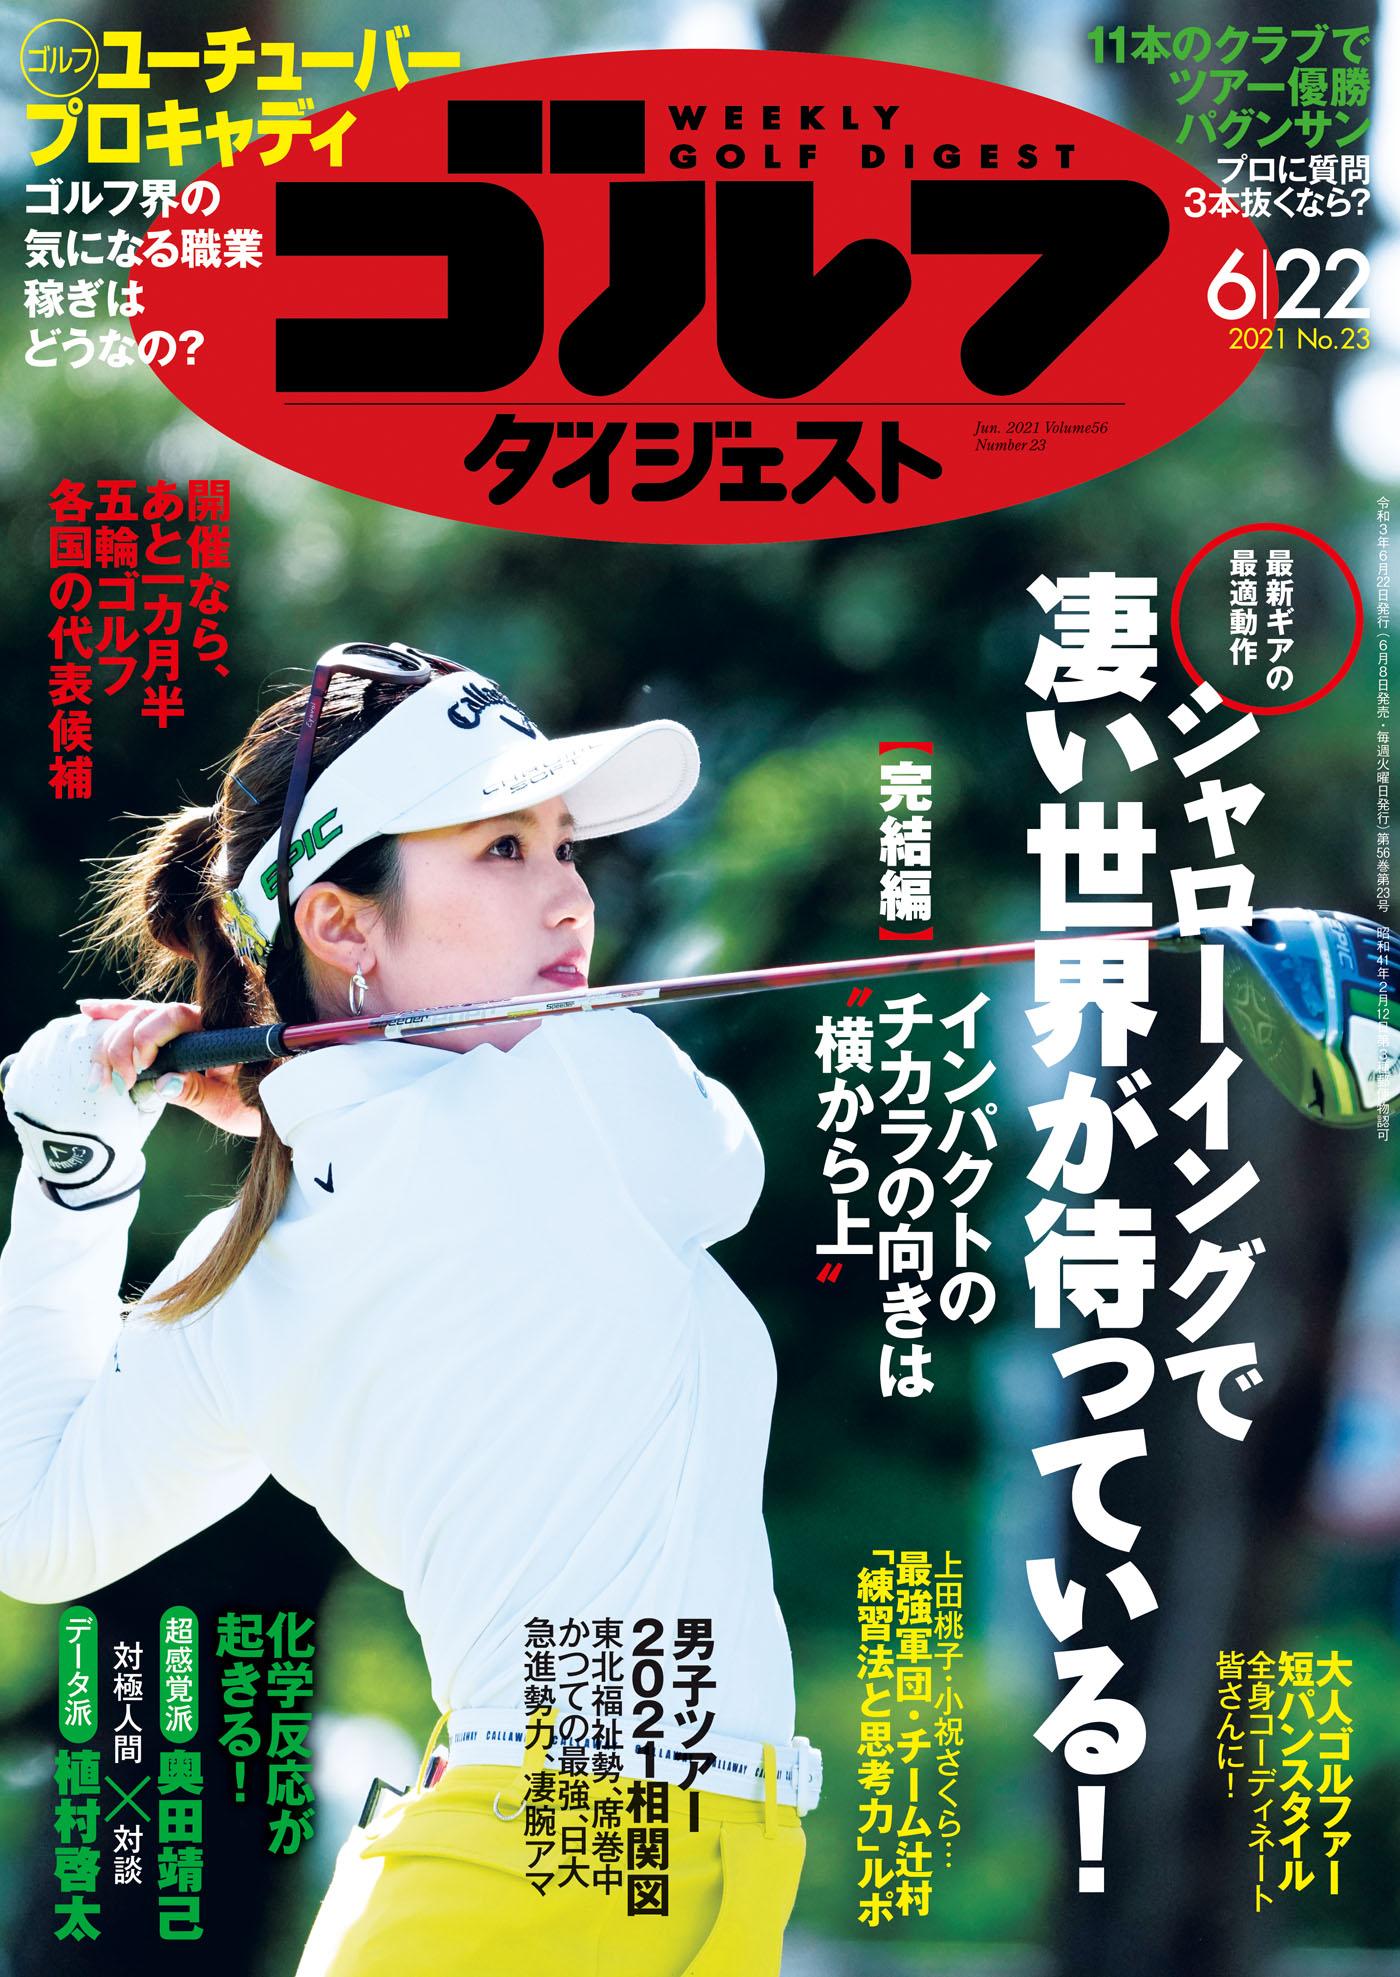 週刊ゴルフダイジェスト2021年6月22日号